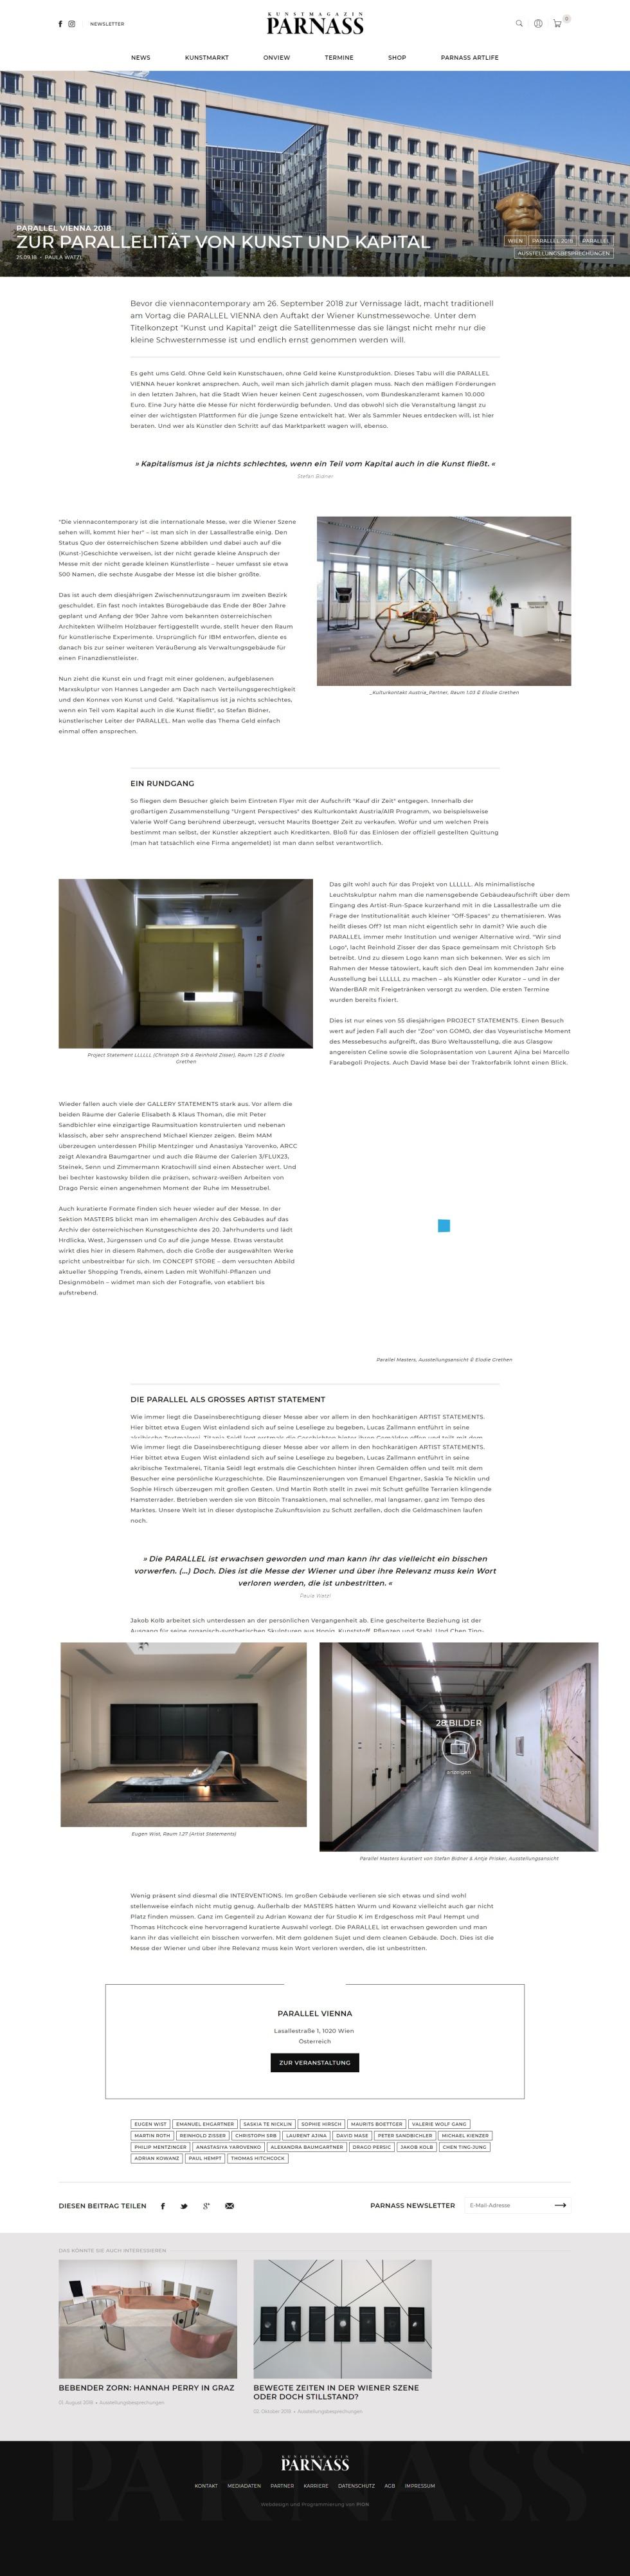 screencapture-parnass-at-news-zur-parallelitaet-von-kunst-und-kapital-2018-10-02-13_42_26.jpg